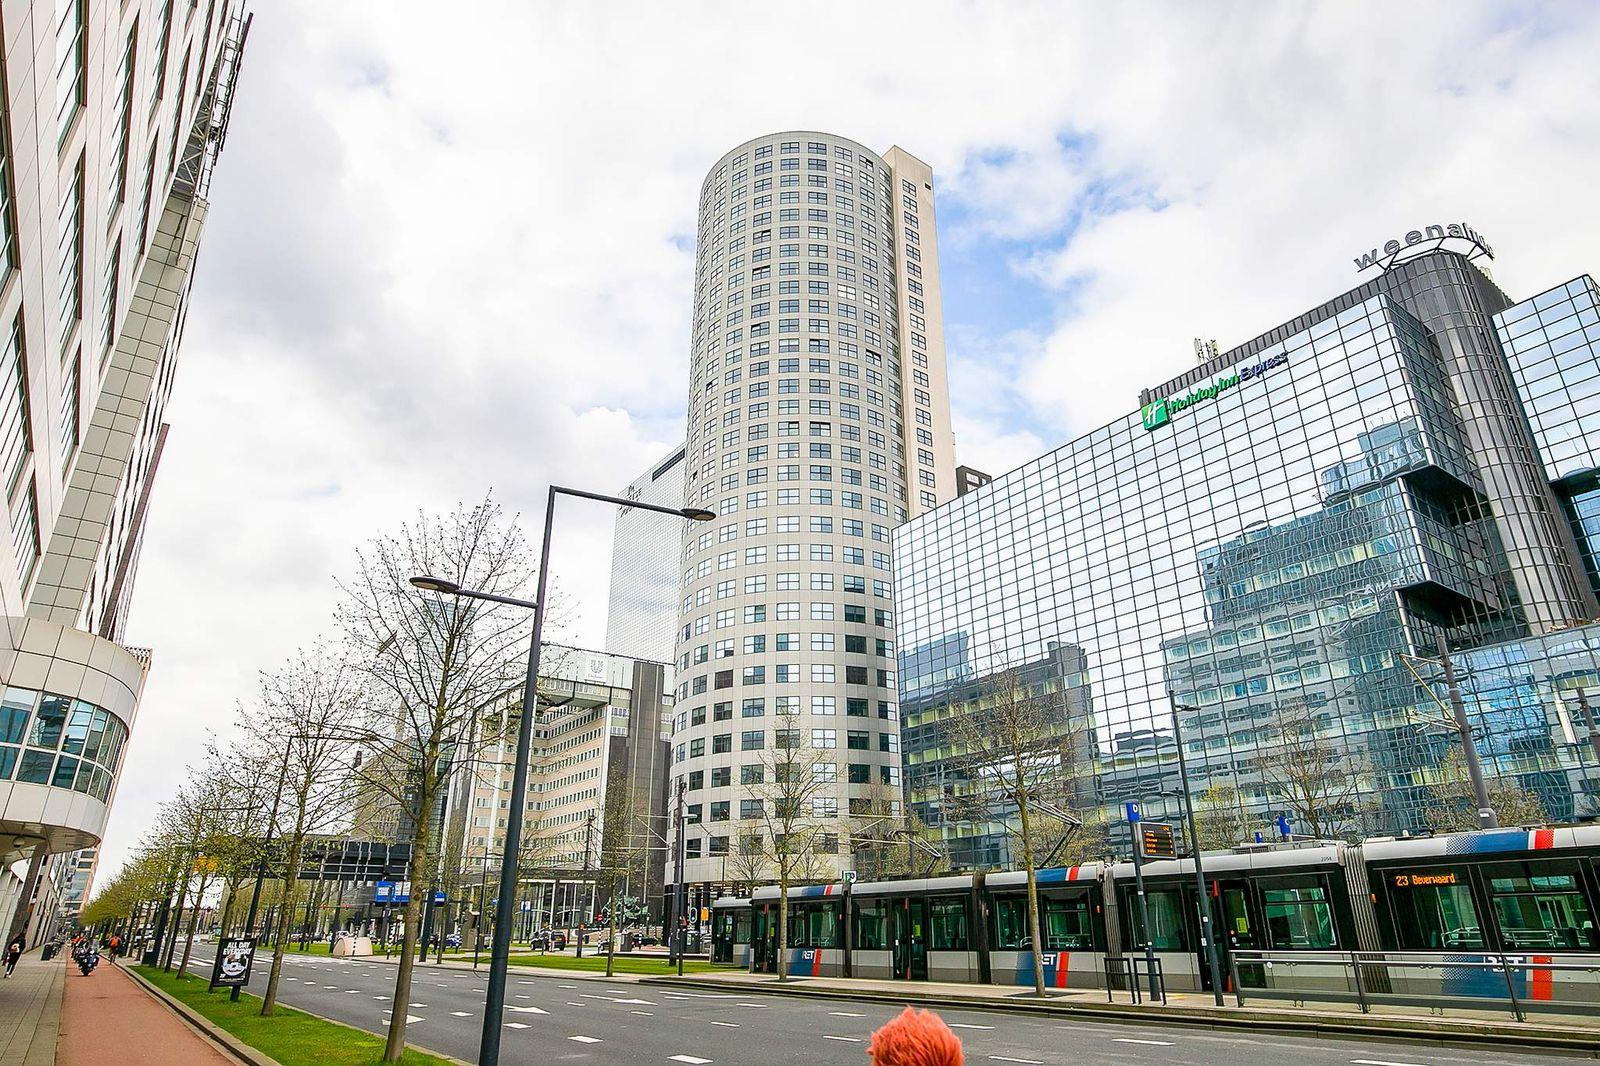 Weena 261, Rotterdam